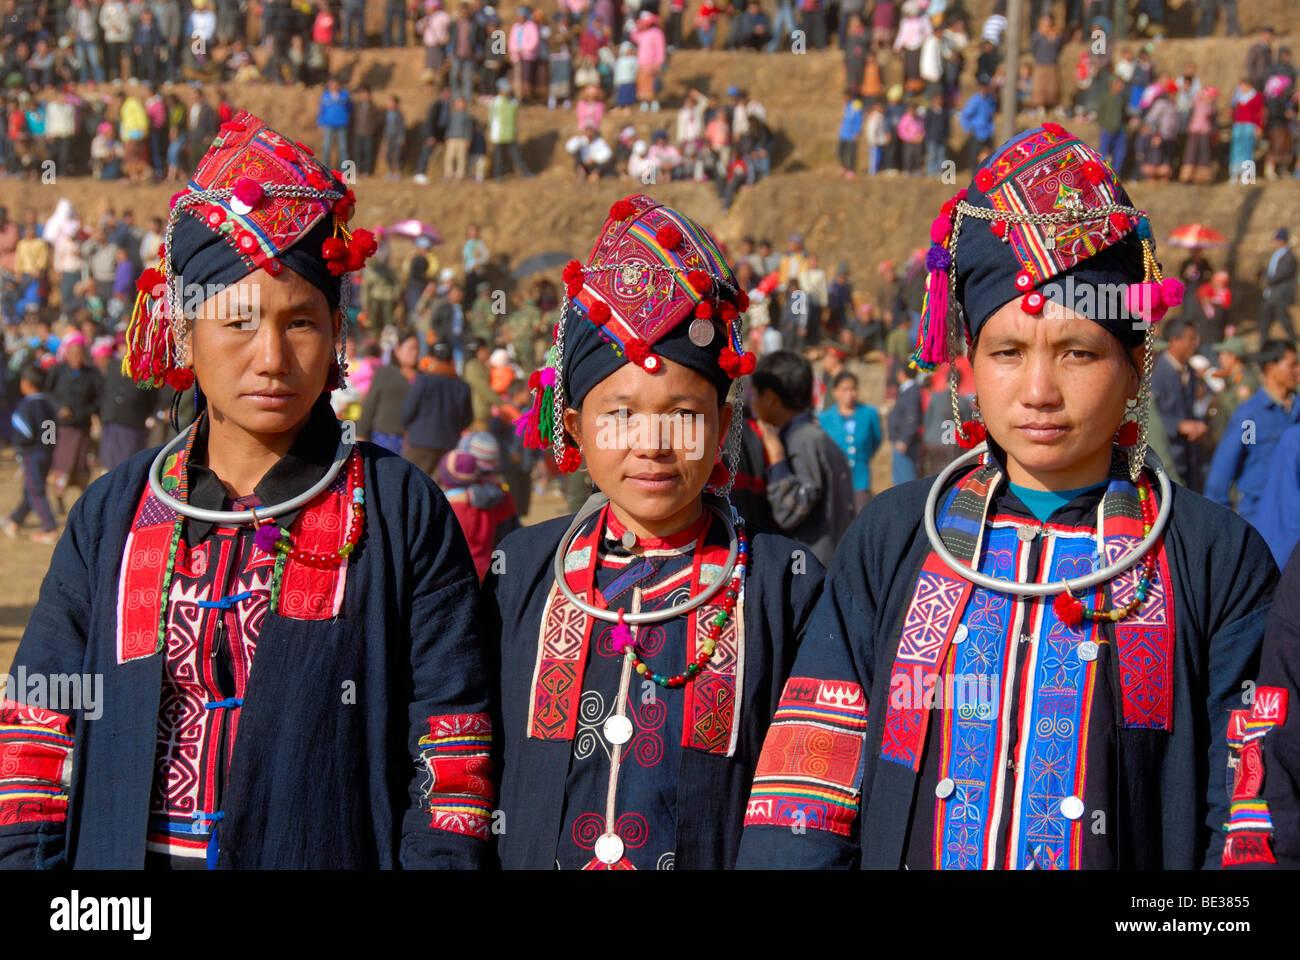 Porträt, Ethnologie, drei Frauen der Akha Oma Ethnie gekleidet in bunten Kleidern, Kopfschmuck, Festival im Stockbild